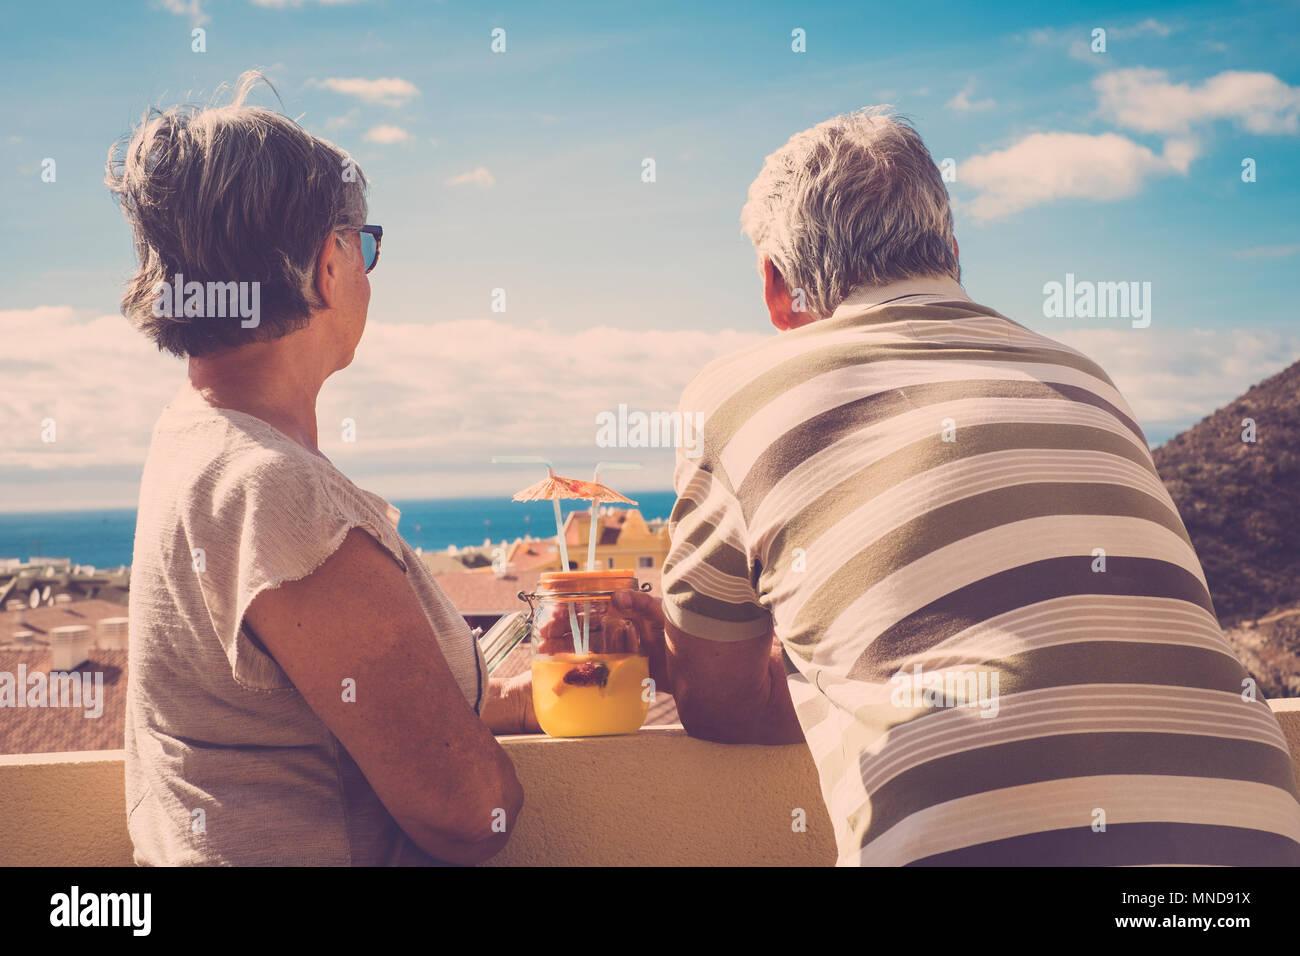 Dos ancianos, un hombre y una mujer mirando juntos el ocean view en vacaciones. Vista posterior con techos de estilo vintage. Imagen De Stock